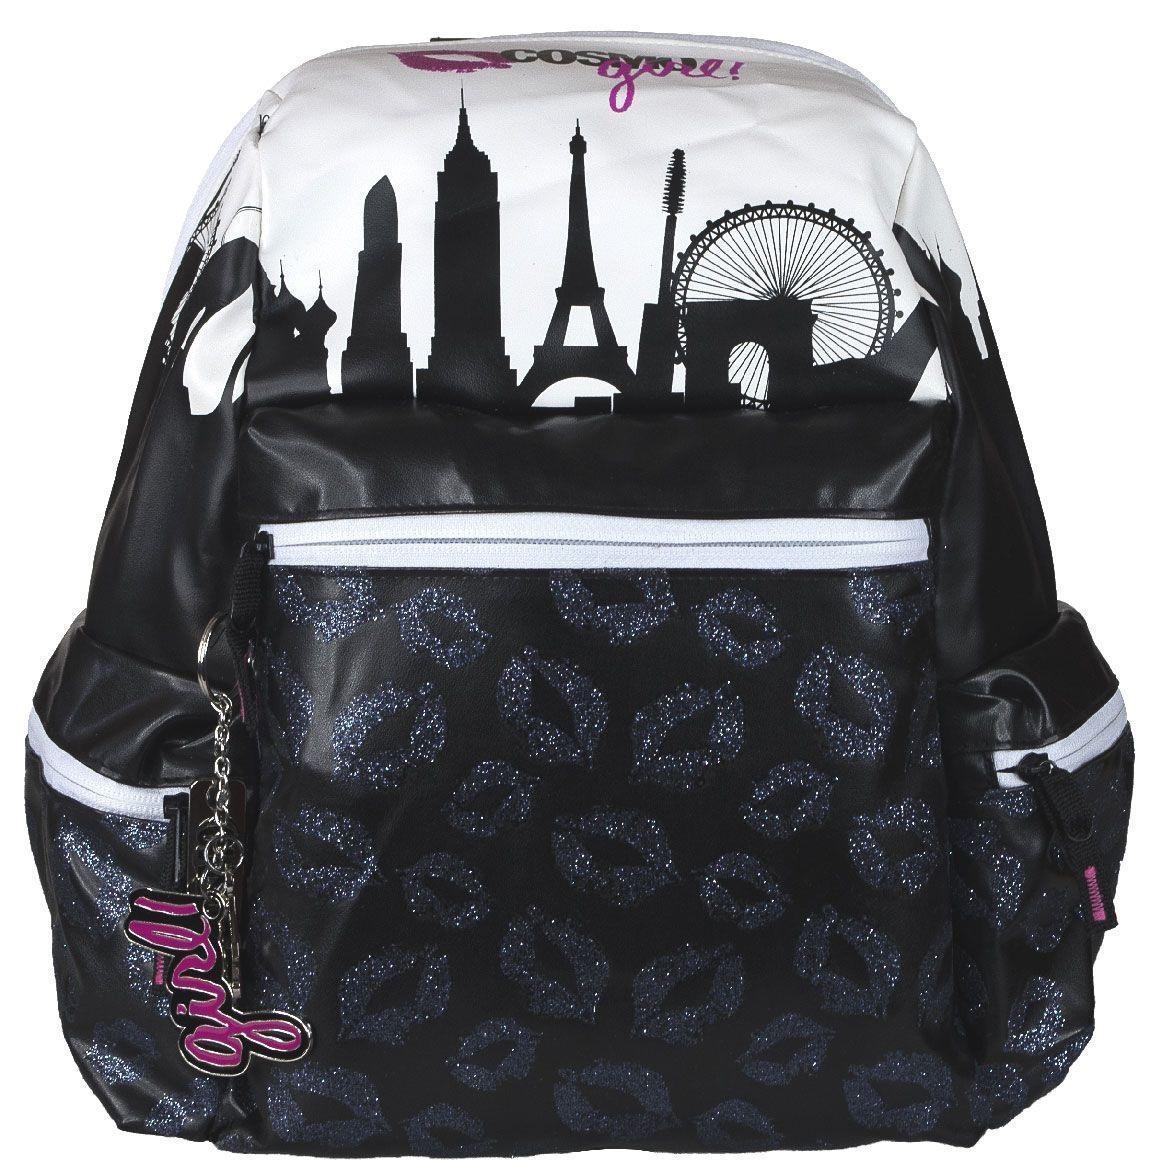 Сумка-рюкзак молодежная Cosmopolitan, цвет: черный, белый. CMCB-UT1-763CMCB-UT1-763Стильная молодежная сумка-рюкзак Cosmopolitan выполнена из прочного материала черного и белого цветов и дополнена тремя брелоками.Содержит одно вместительное отделение на застежке-молнии. Внутри отделения находятся: прорезной карман на молнии, два открытых кармашка и и два отделения для пишущих принадлежностей. На лицевой стороне расположен накладной карман на молнии. По бокам имеются два накладных кармана также на молнии. Изделие оснащено текстильными плечевыми лямками регулируемой длины и ручкой из пластика для переноски в руке.Эту сумку-рюкзак можно использовать для повседневных прогулок, отдыха, а также как элемент вашего имиджа.Рекомендуемый возраст: от 12 лет.